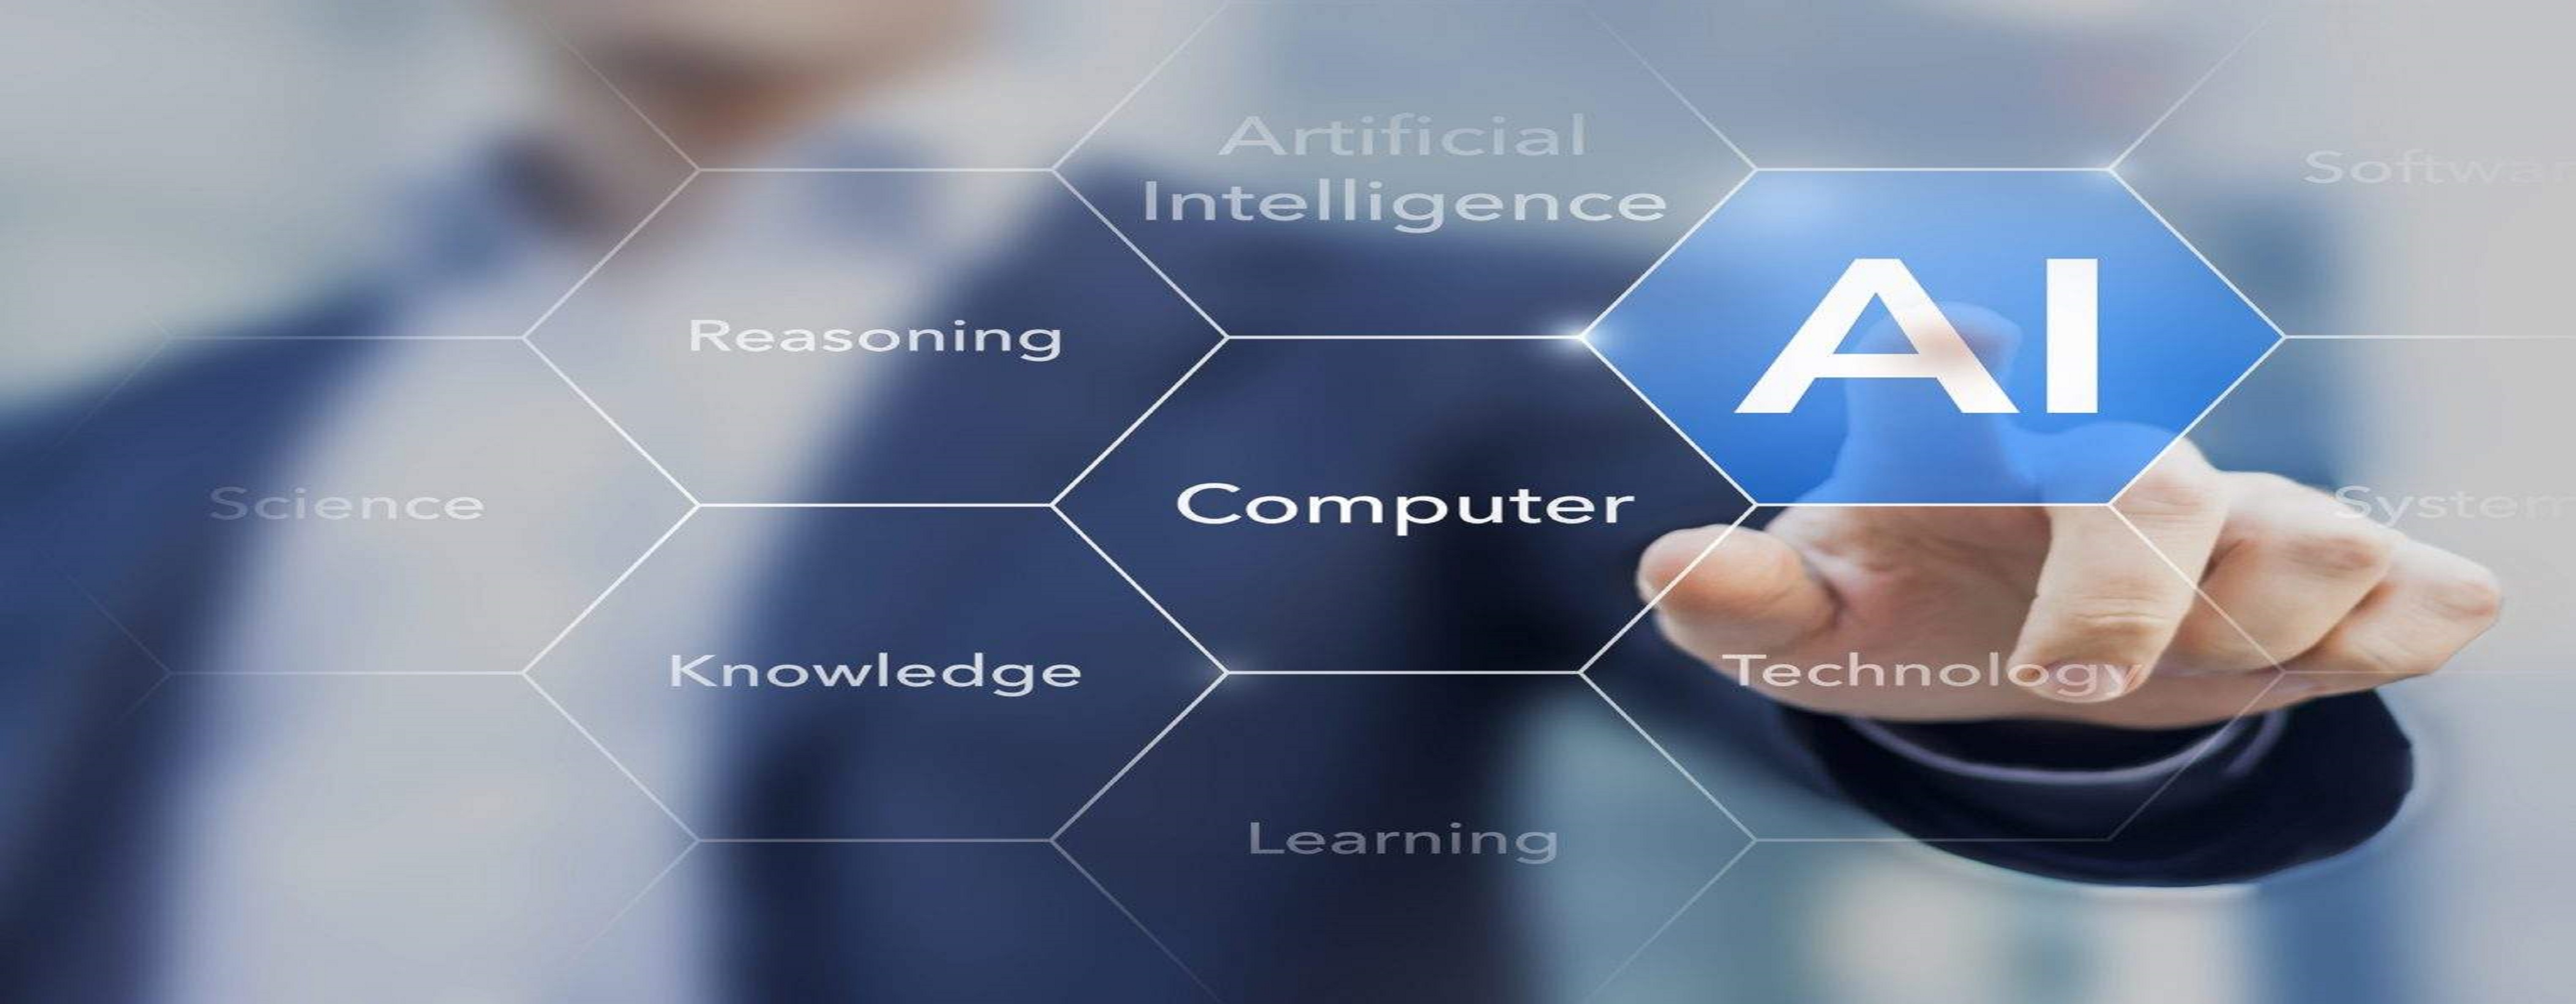 中国首个C9高校人工智能学院在南京大学成立